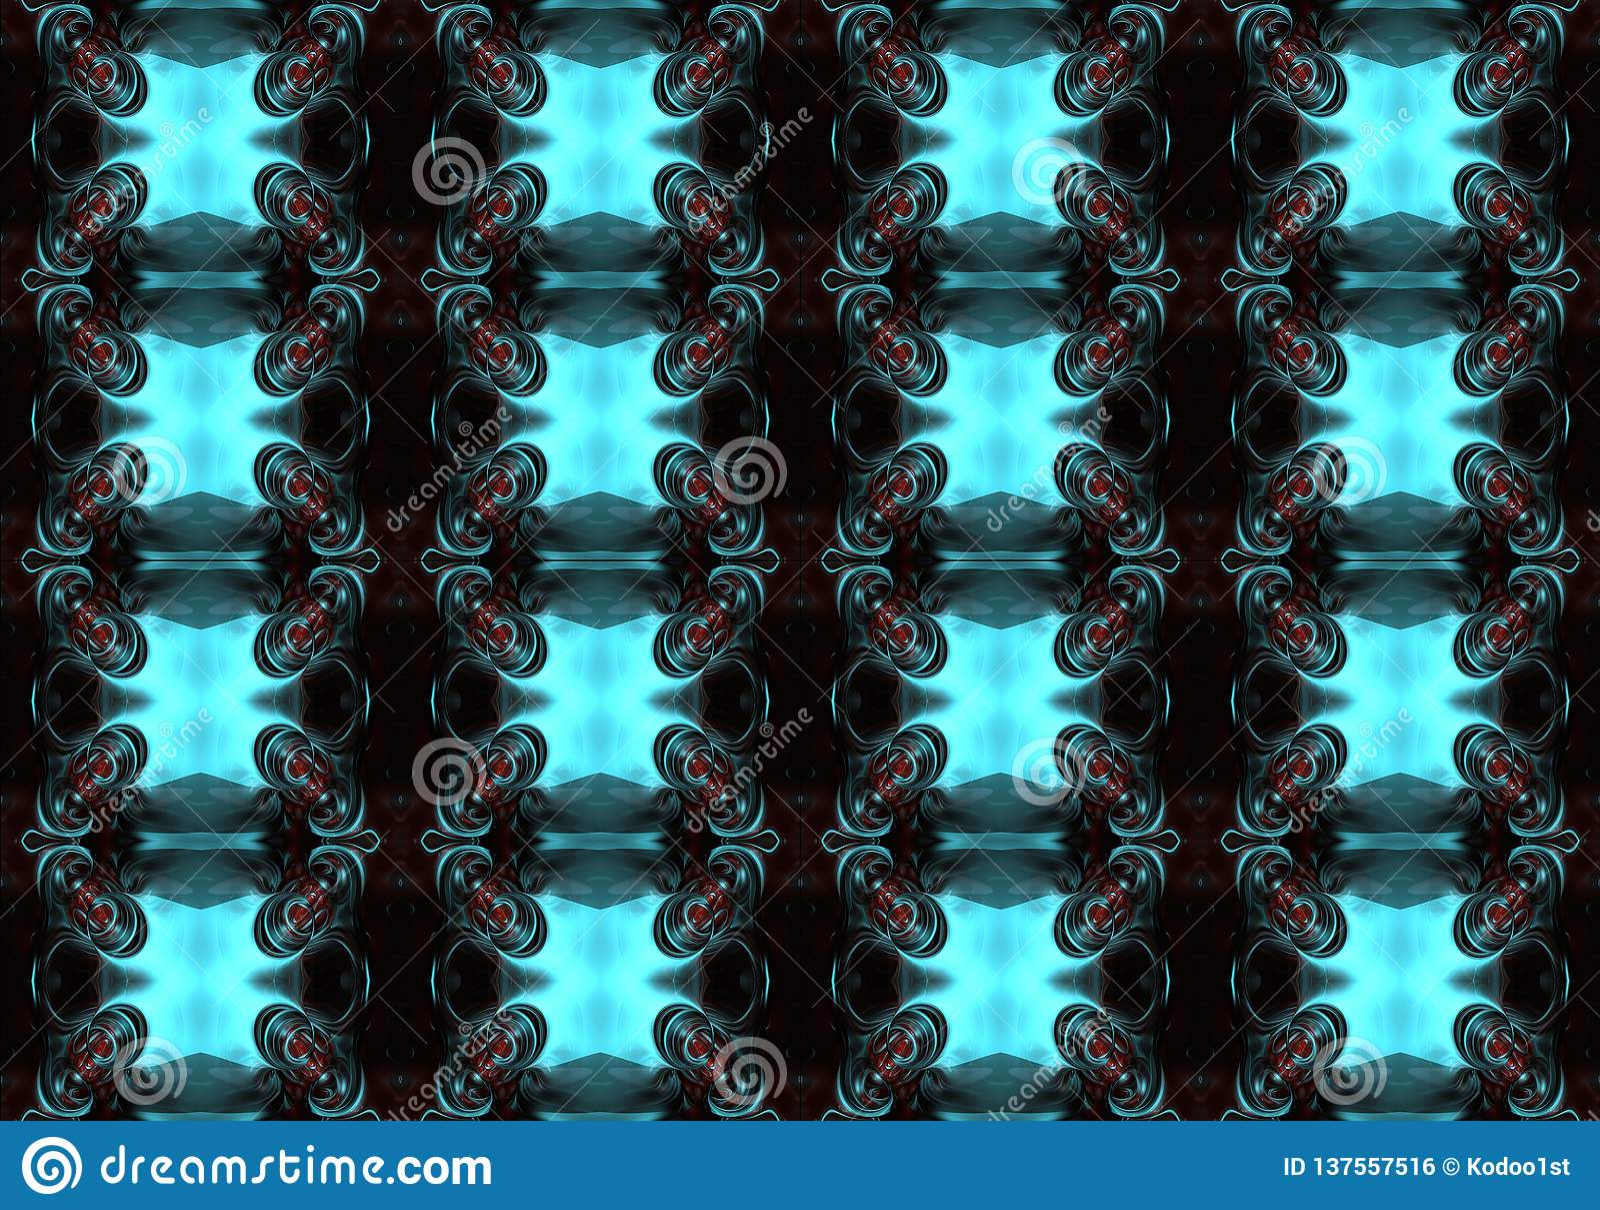 Fondo abstracto enérgico brillante futurista multicolor único artístico generado por ordenador de los modelos de los fractales 3d